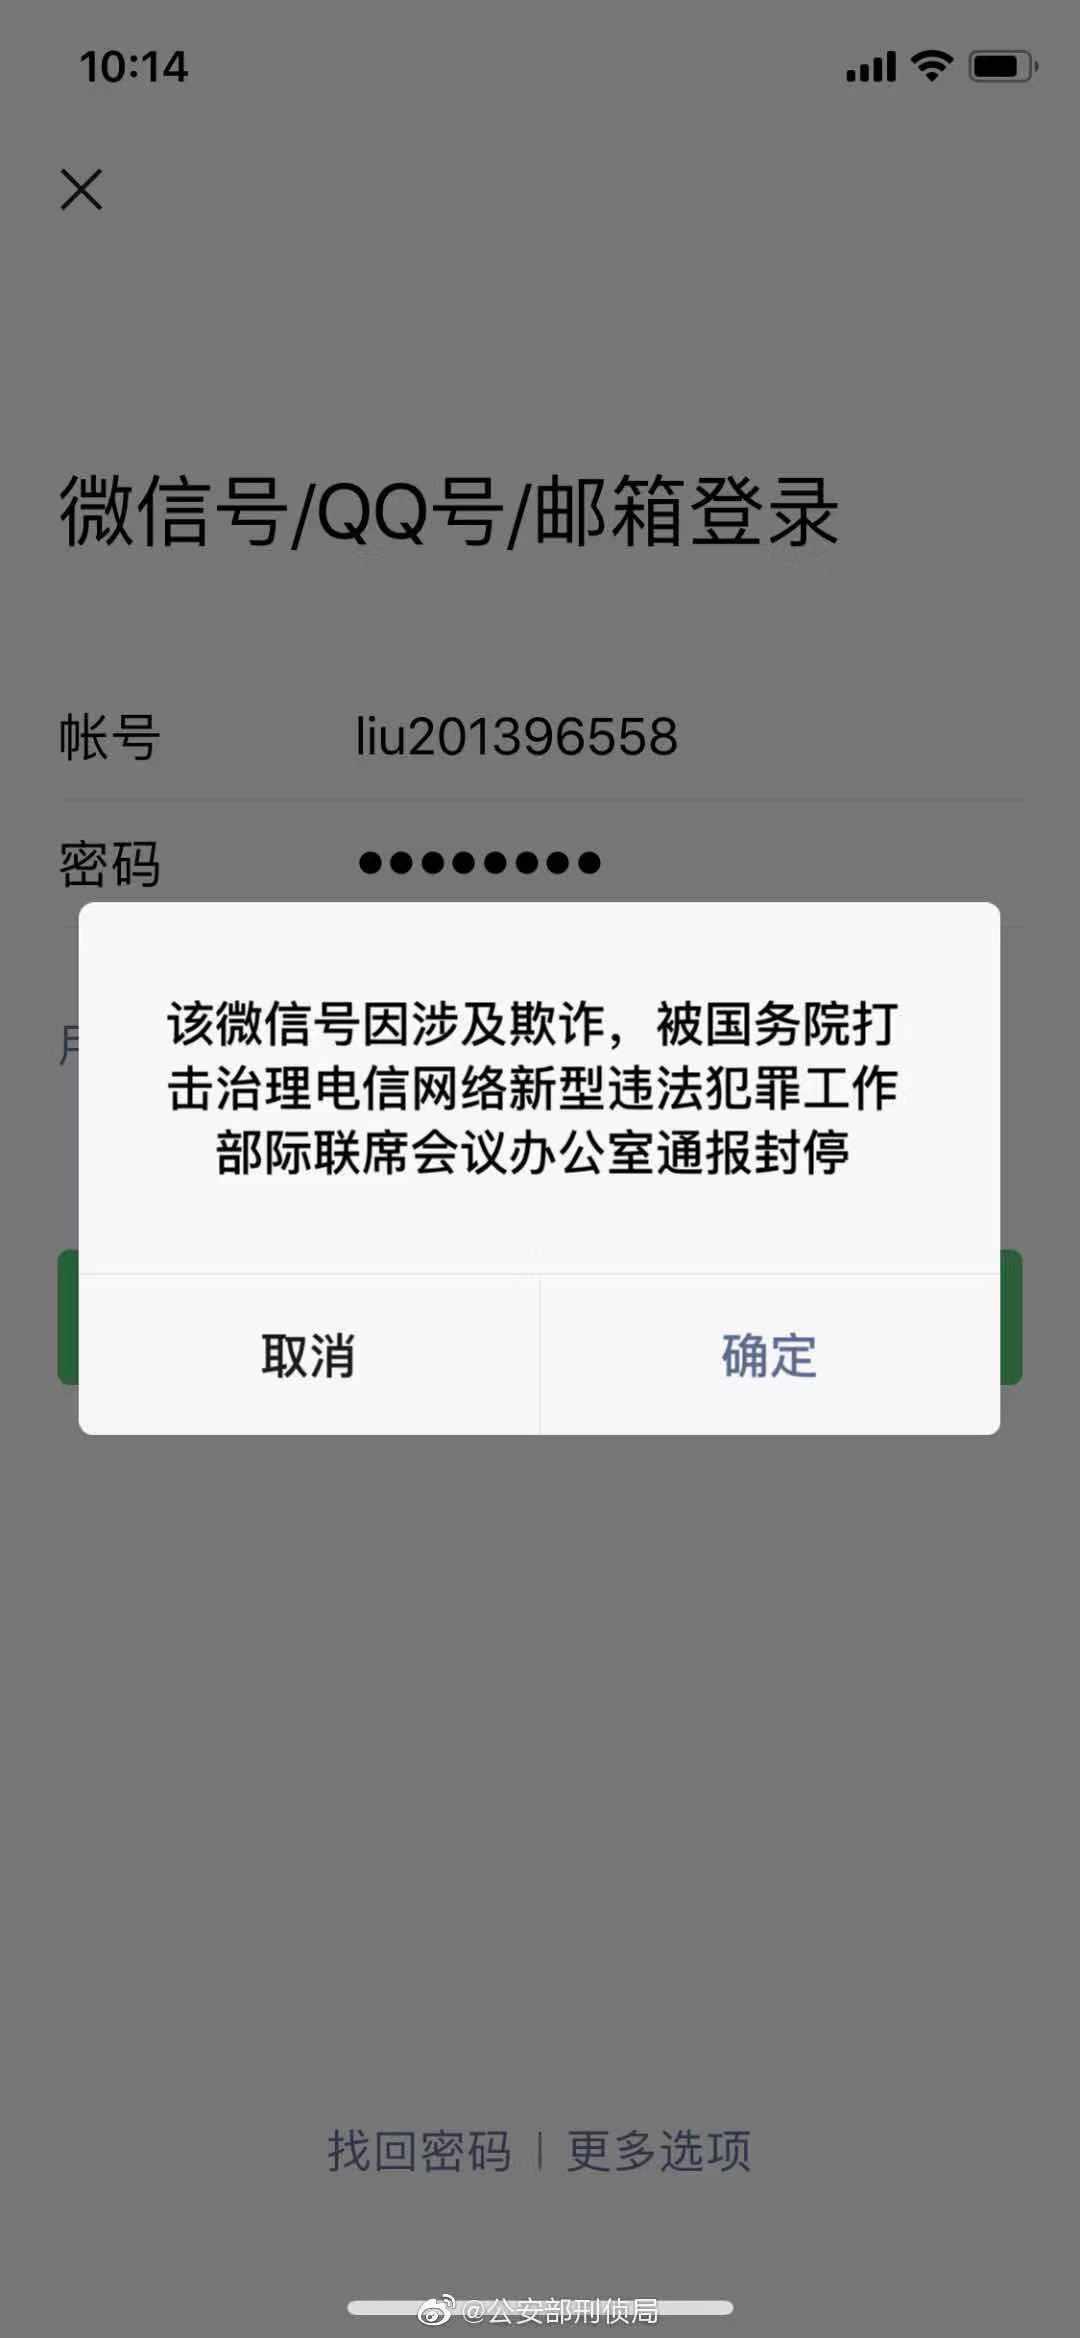 中缅边界QQ微信被封 警方:打击电信诈骗 甄别后解封